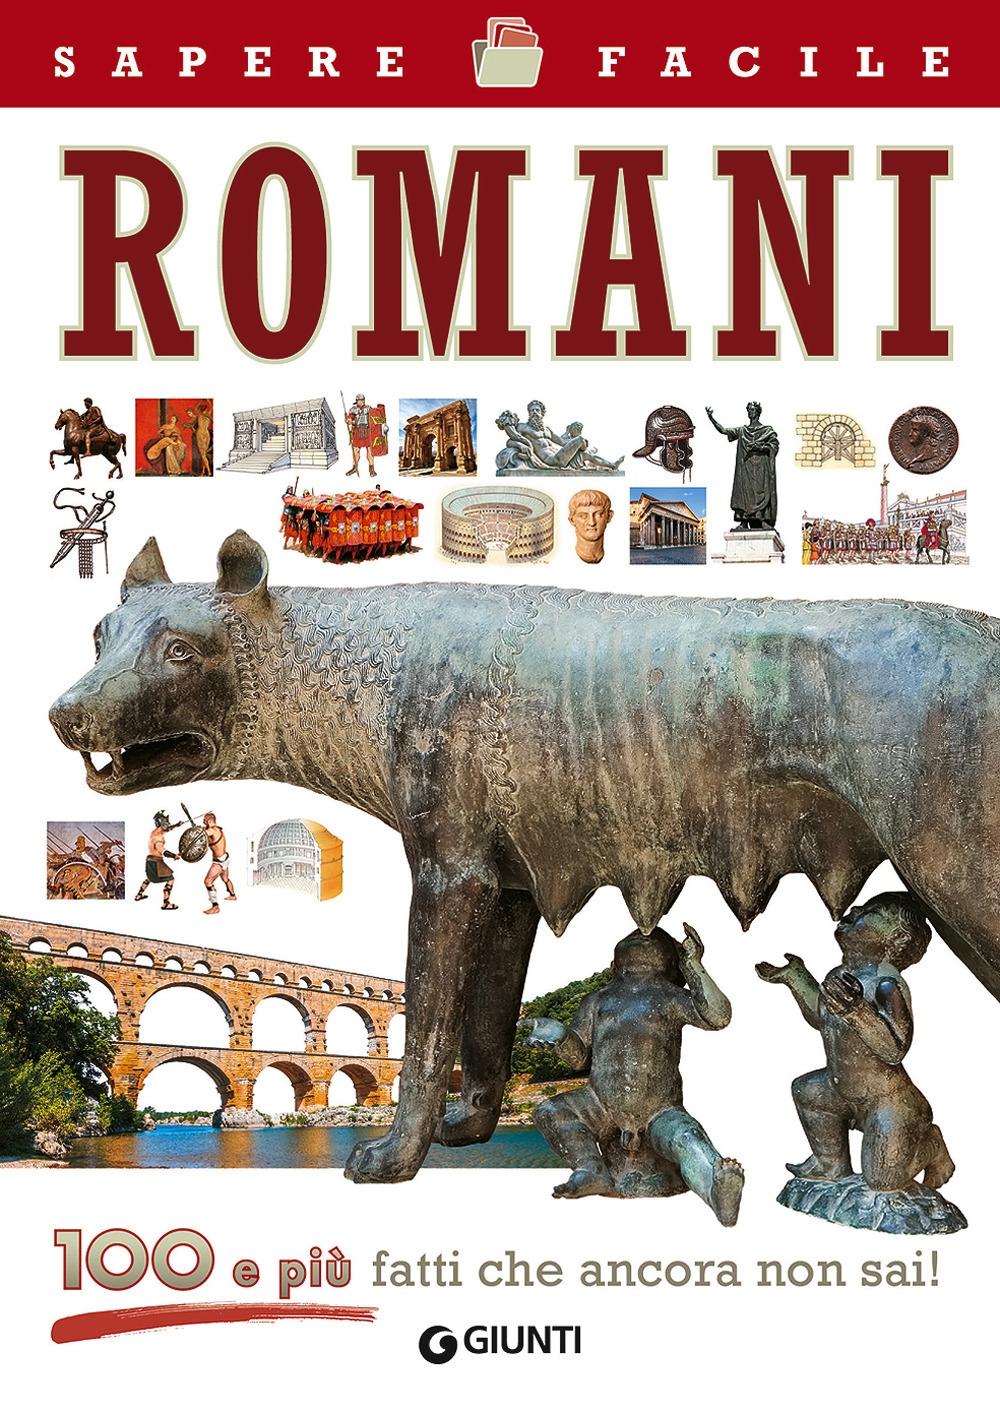 Romani. Saper facile